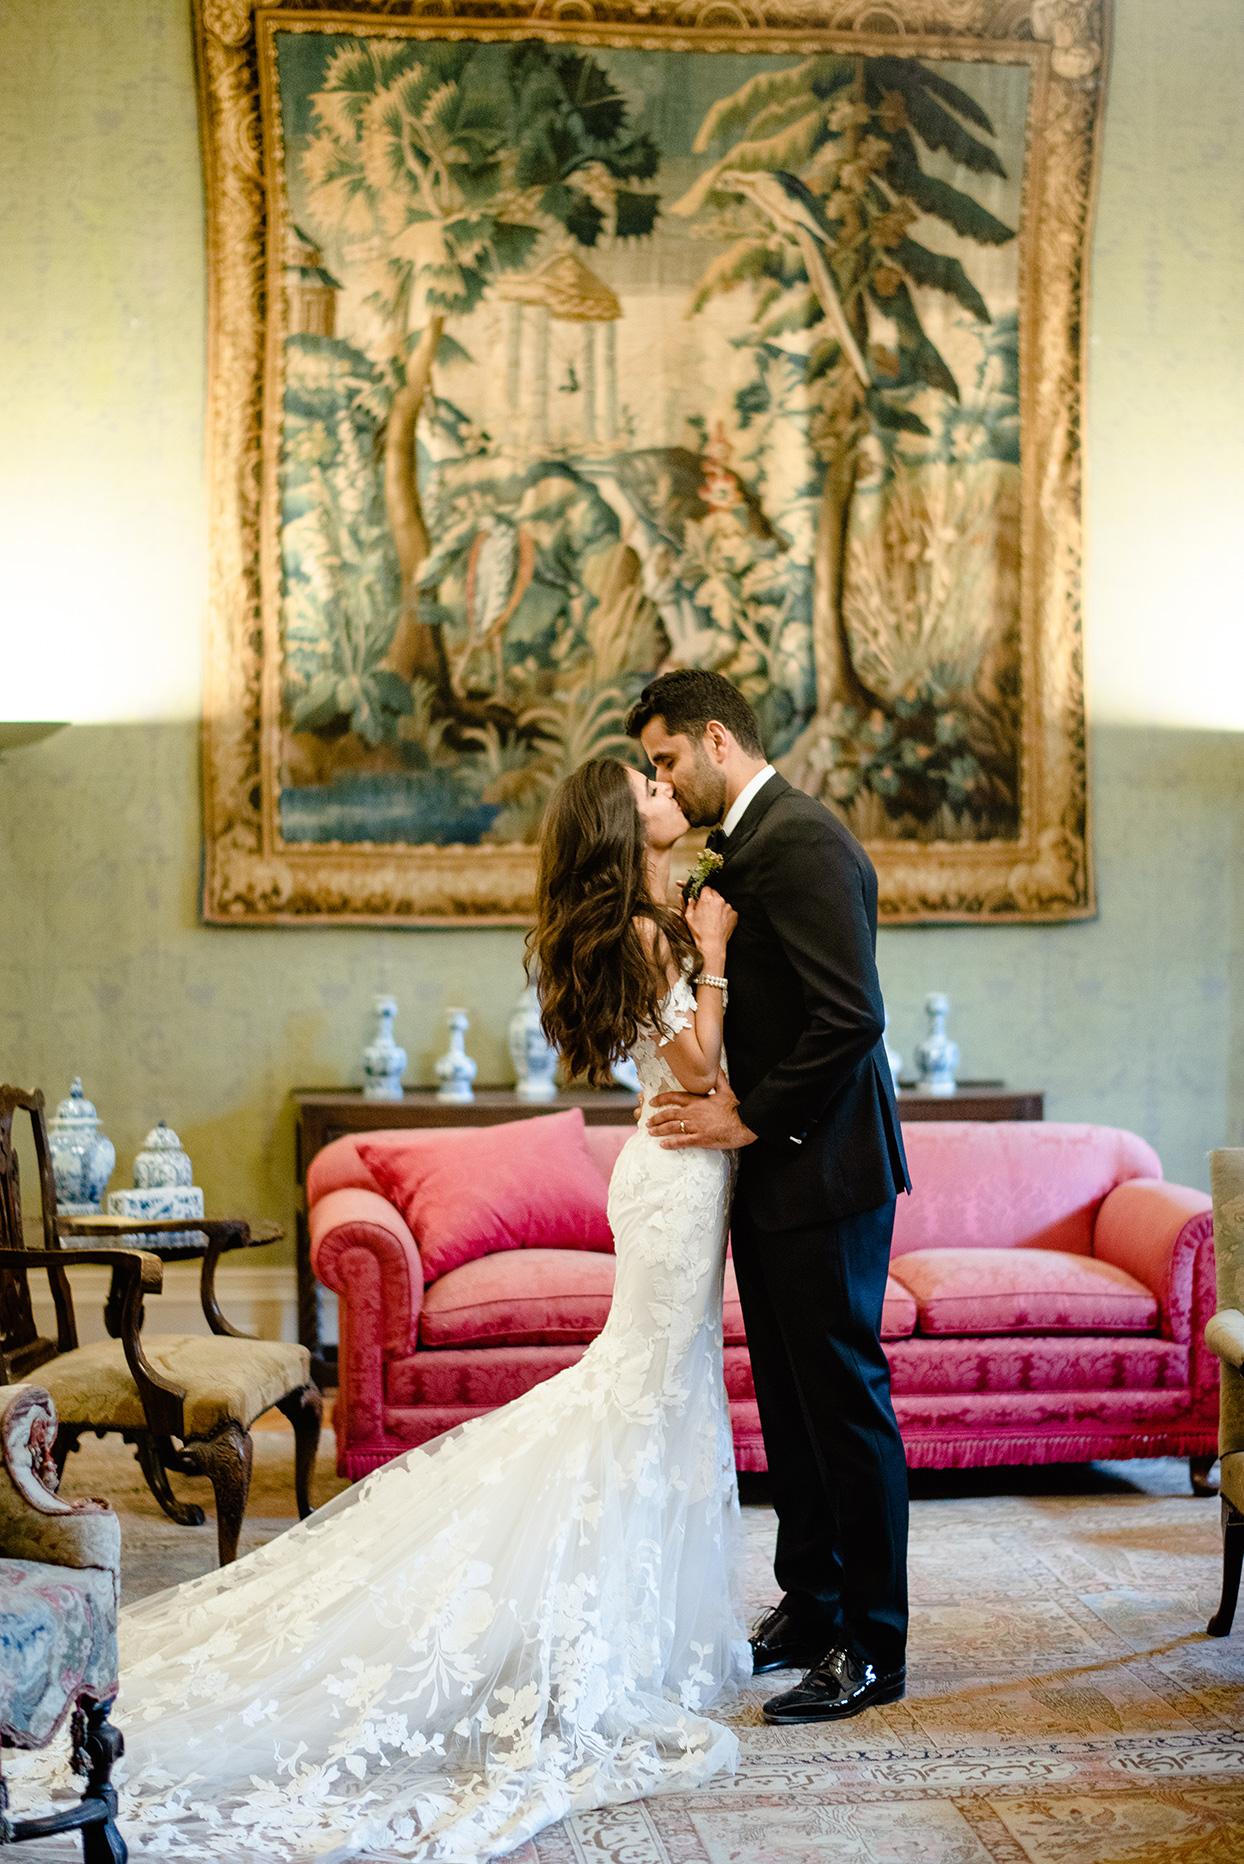 yalda anusha wedding couple kissing in front of antique painting